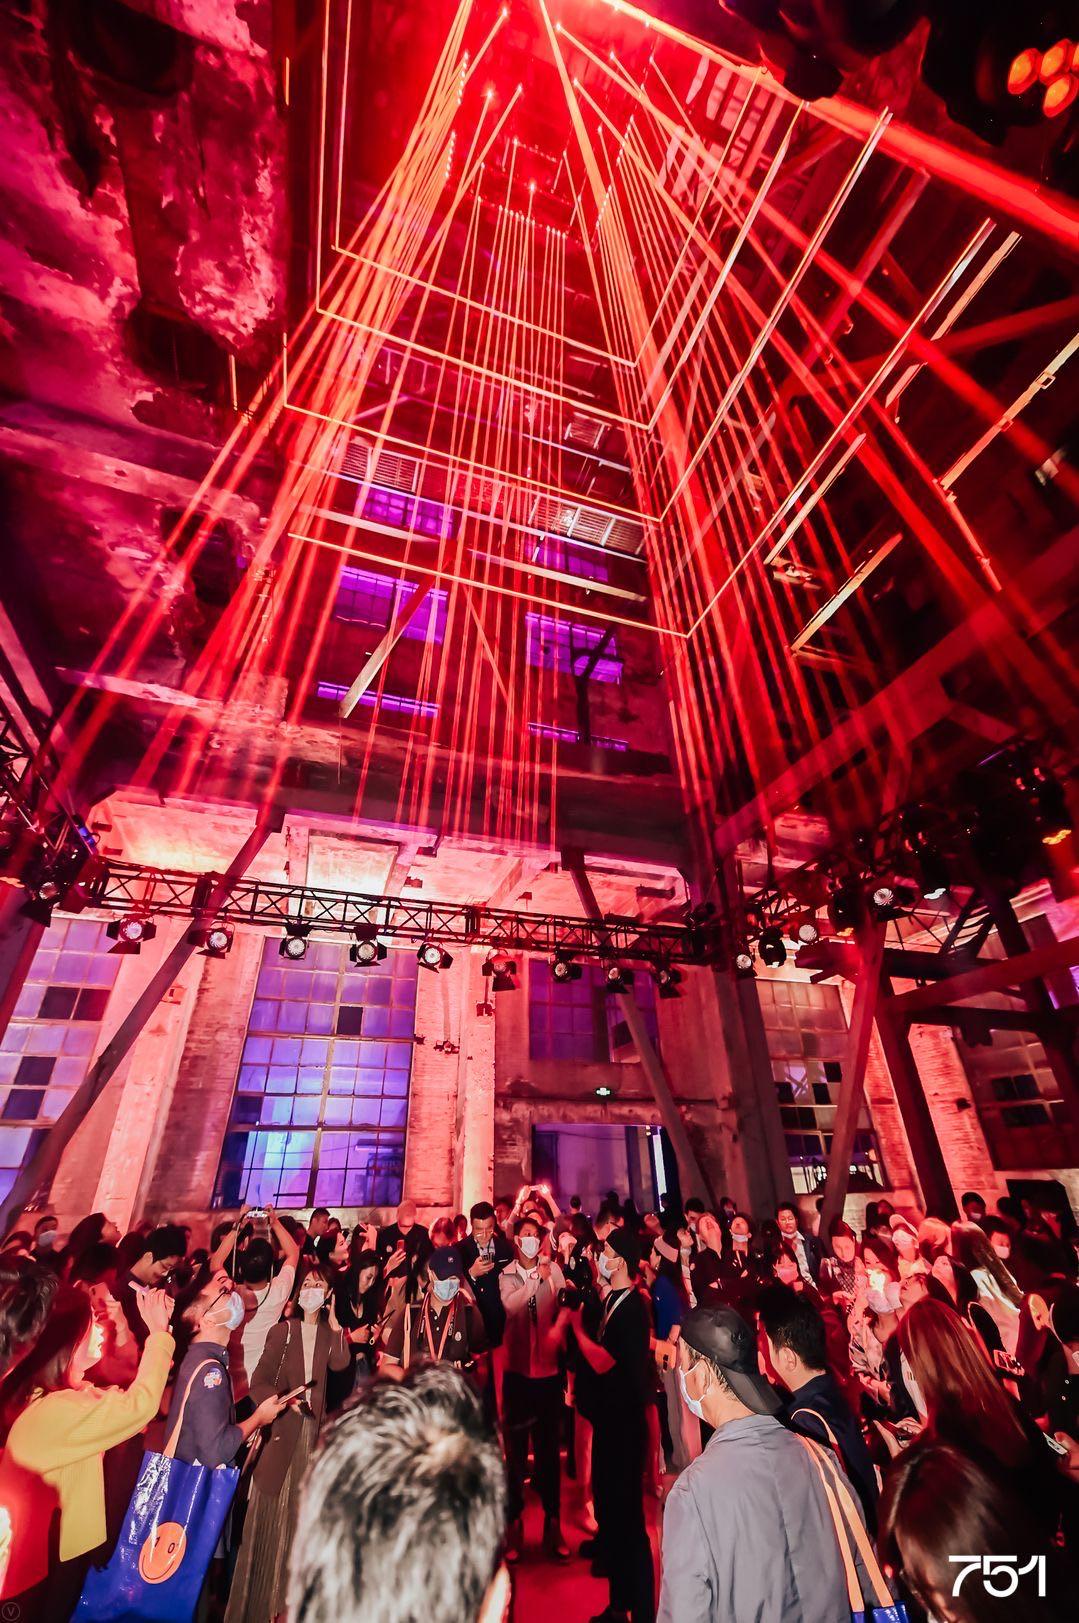 魔幻751六号锅炉房首次亮相!2020北京国际设计周751国际设计节开幕